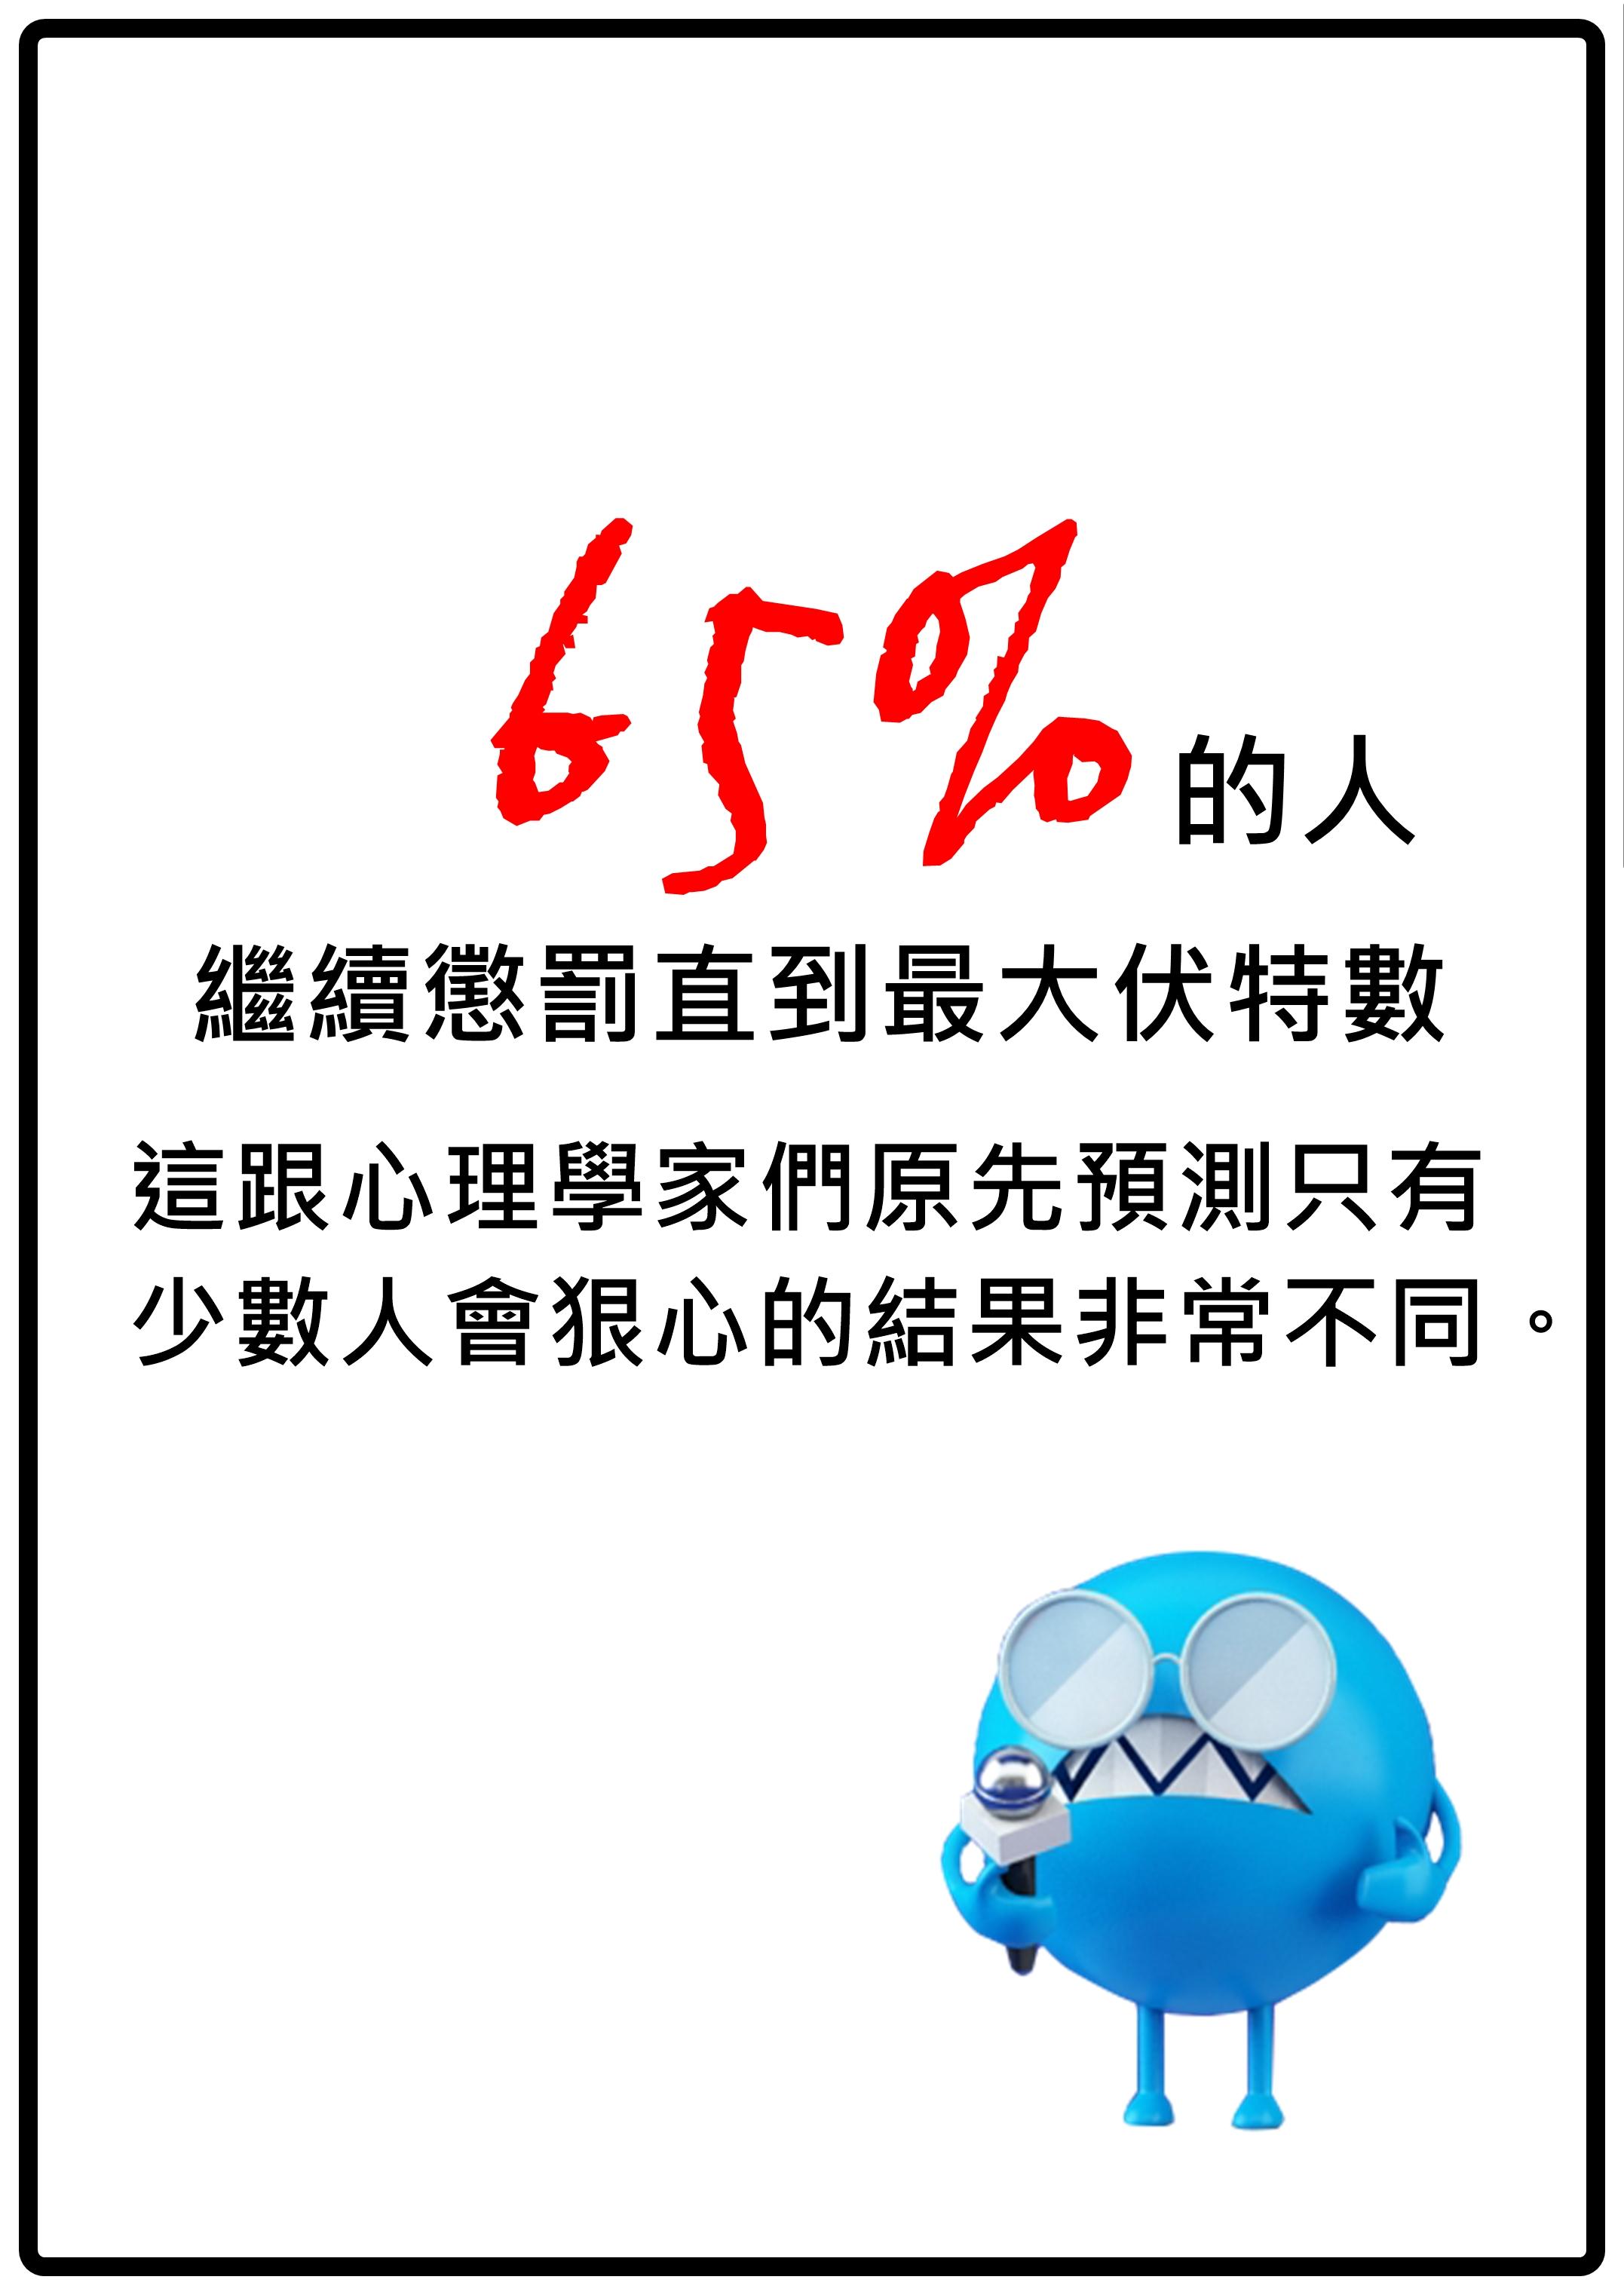 後來相似的實驗都約有60-65%的人持續處罰到將電流開到最大。